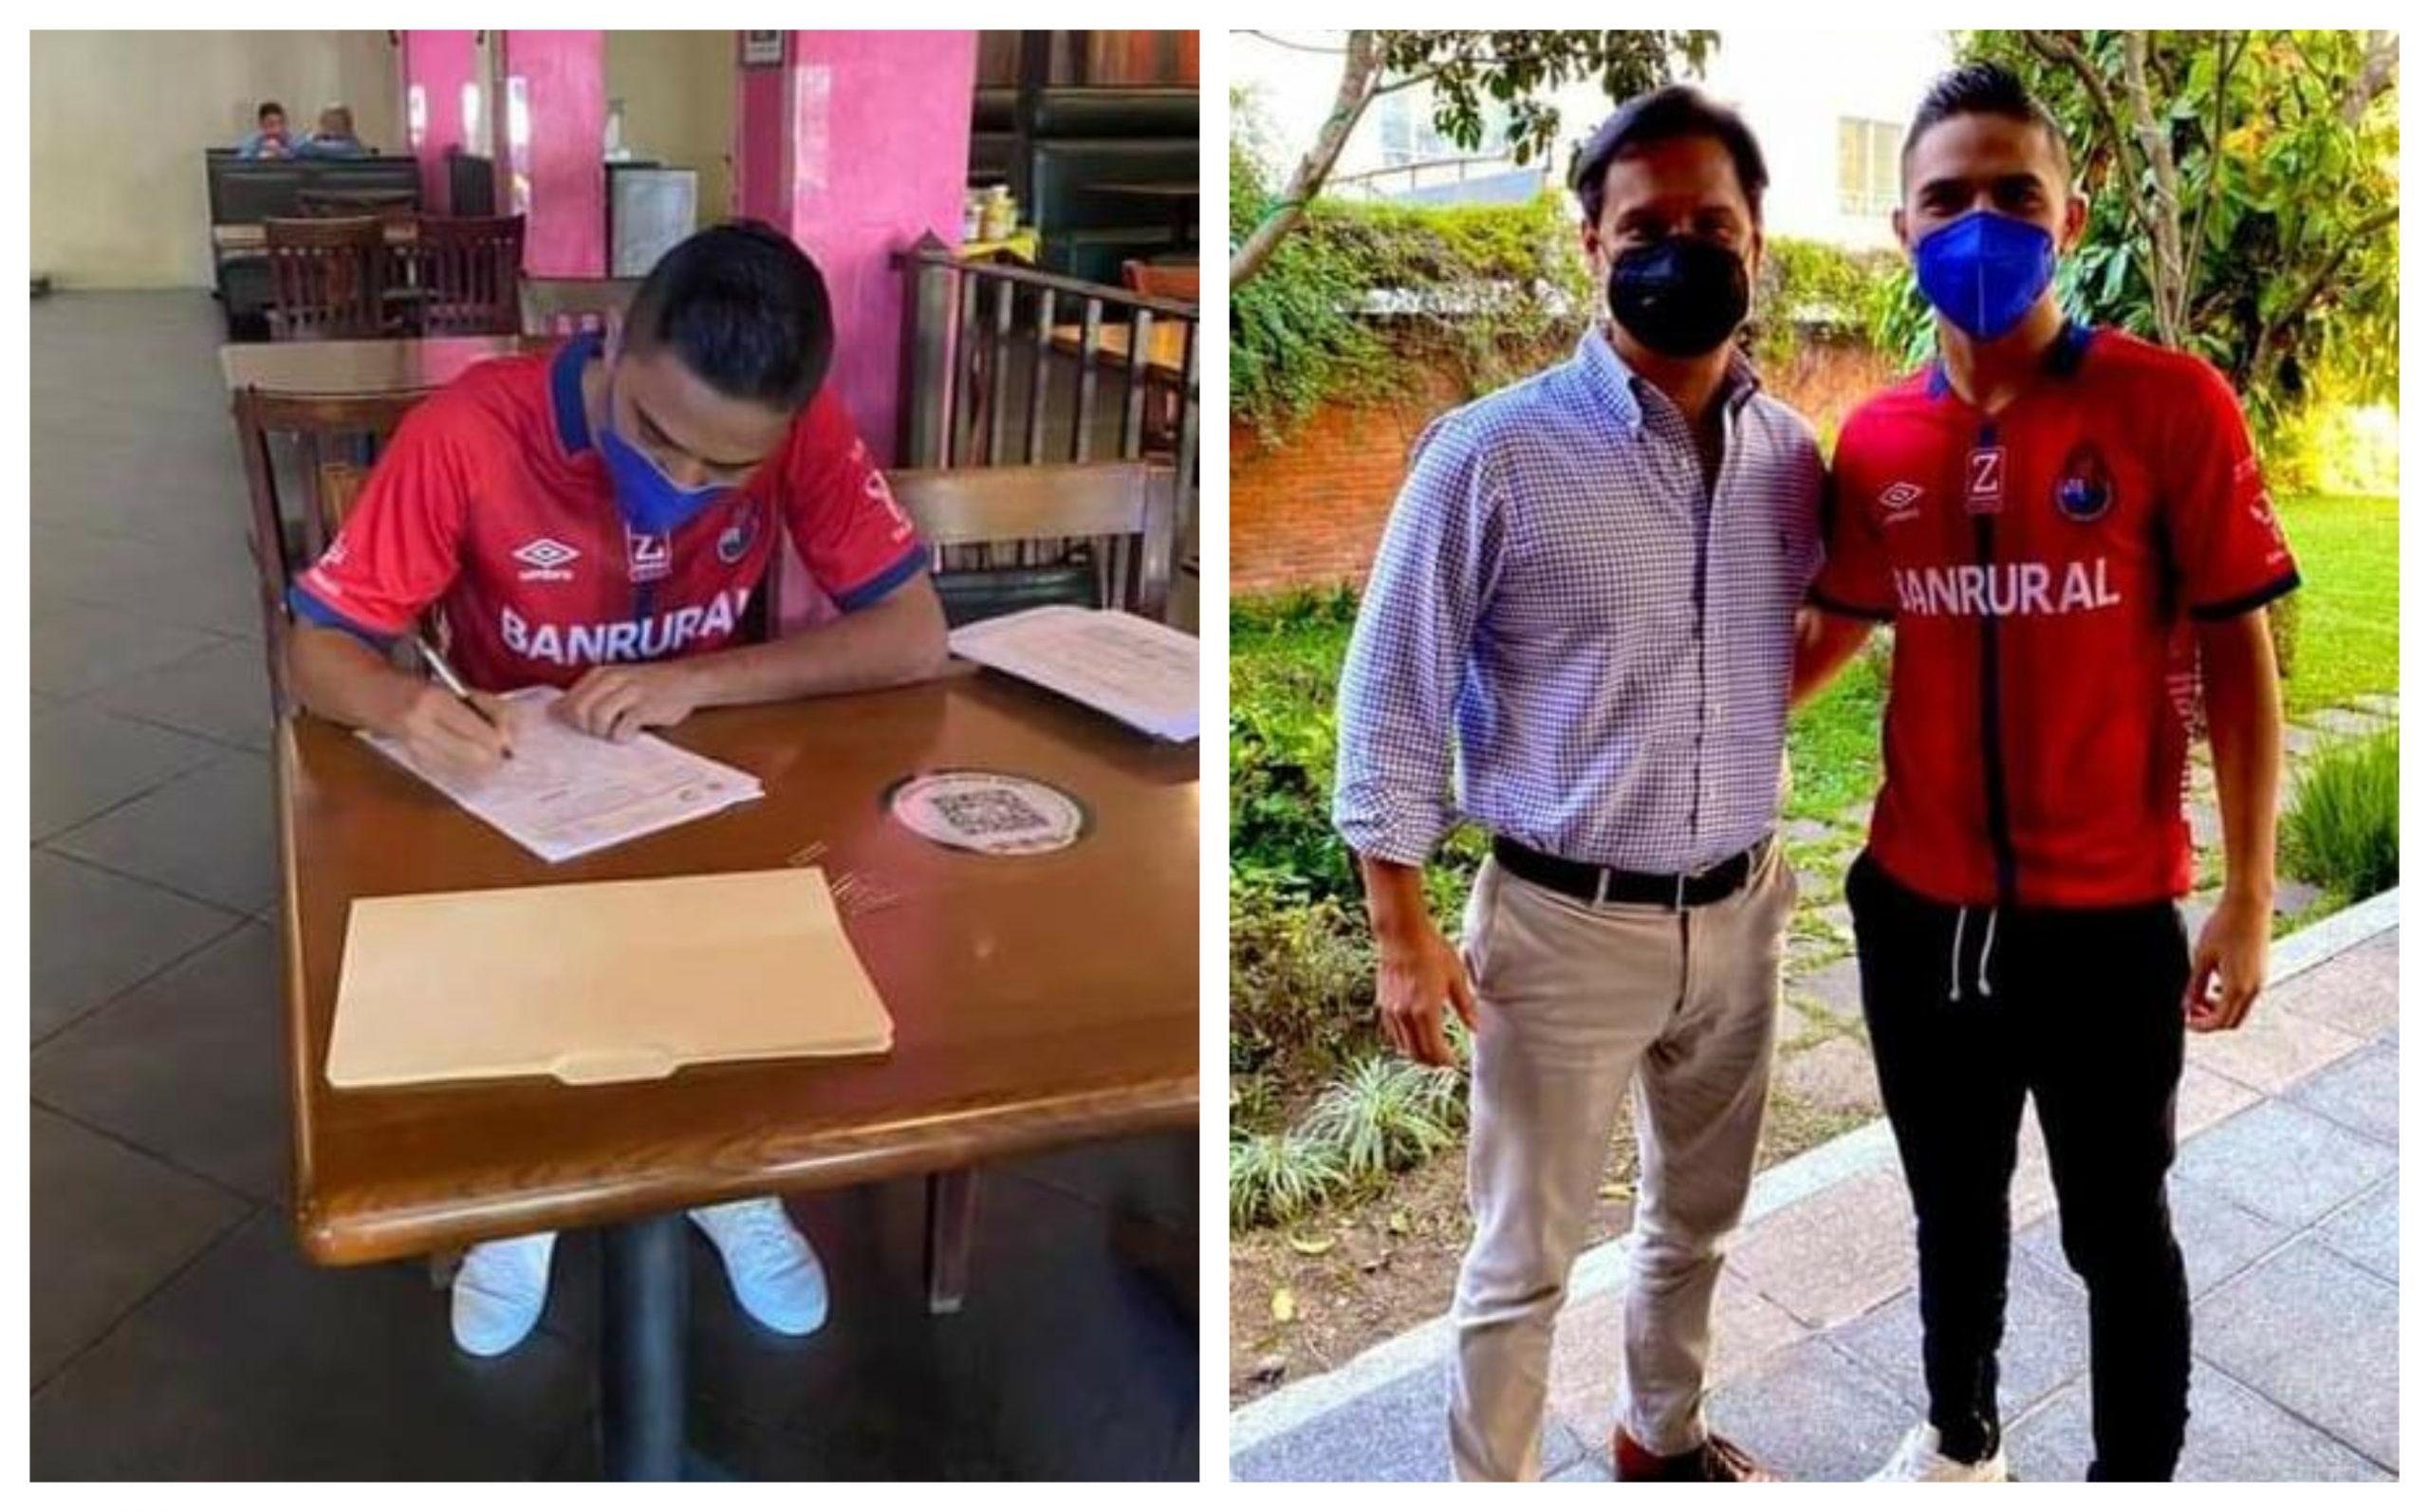 El volante de Suchitepéquez, Javier Alexander Estrada Hidalgo, será jugador de Municipal. Al futbolista de 18 años, nacido en el municipio de Chicacao, solo le resta firmar el contrato que lo vincule al campeón nacional.